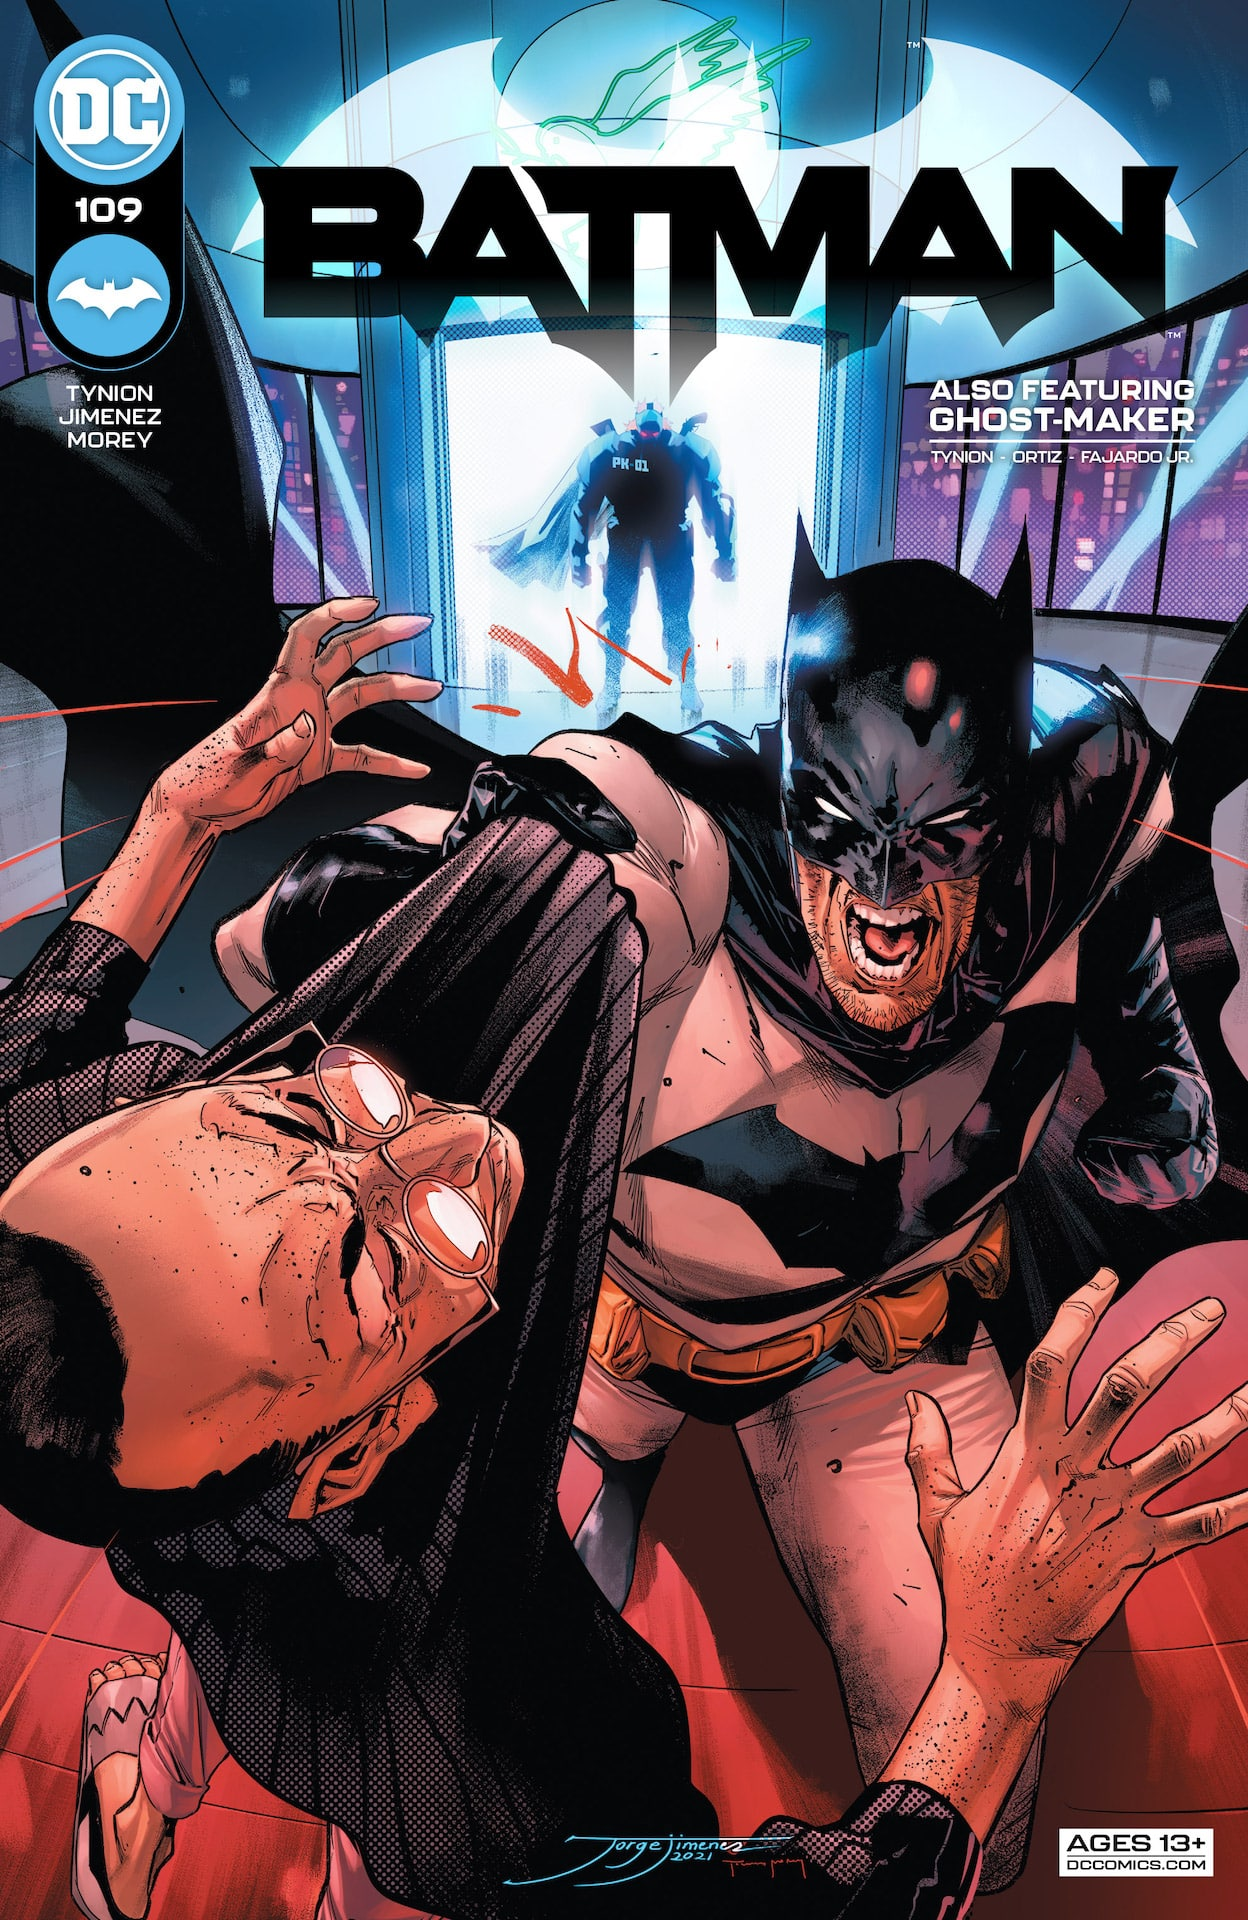 Batman #109 preview